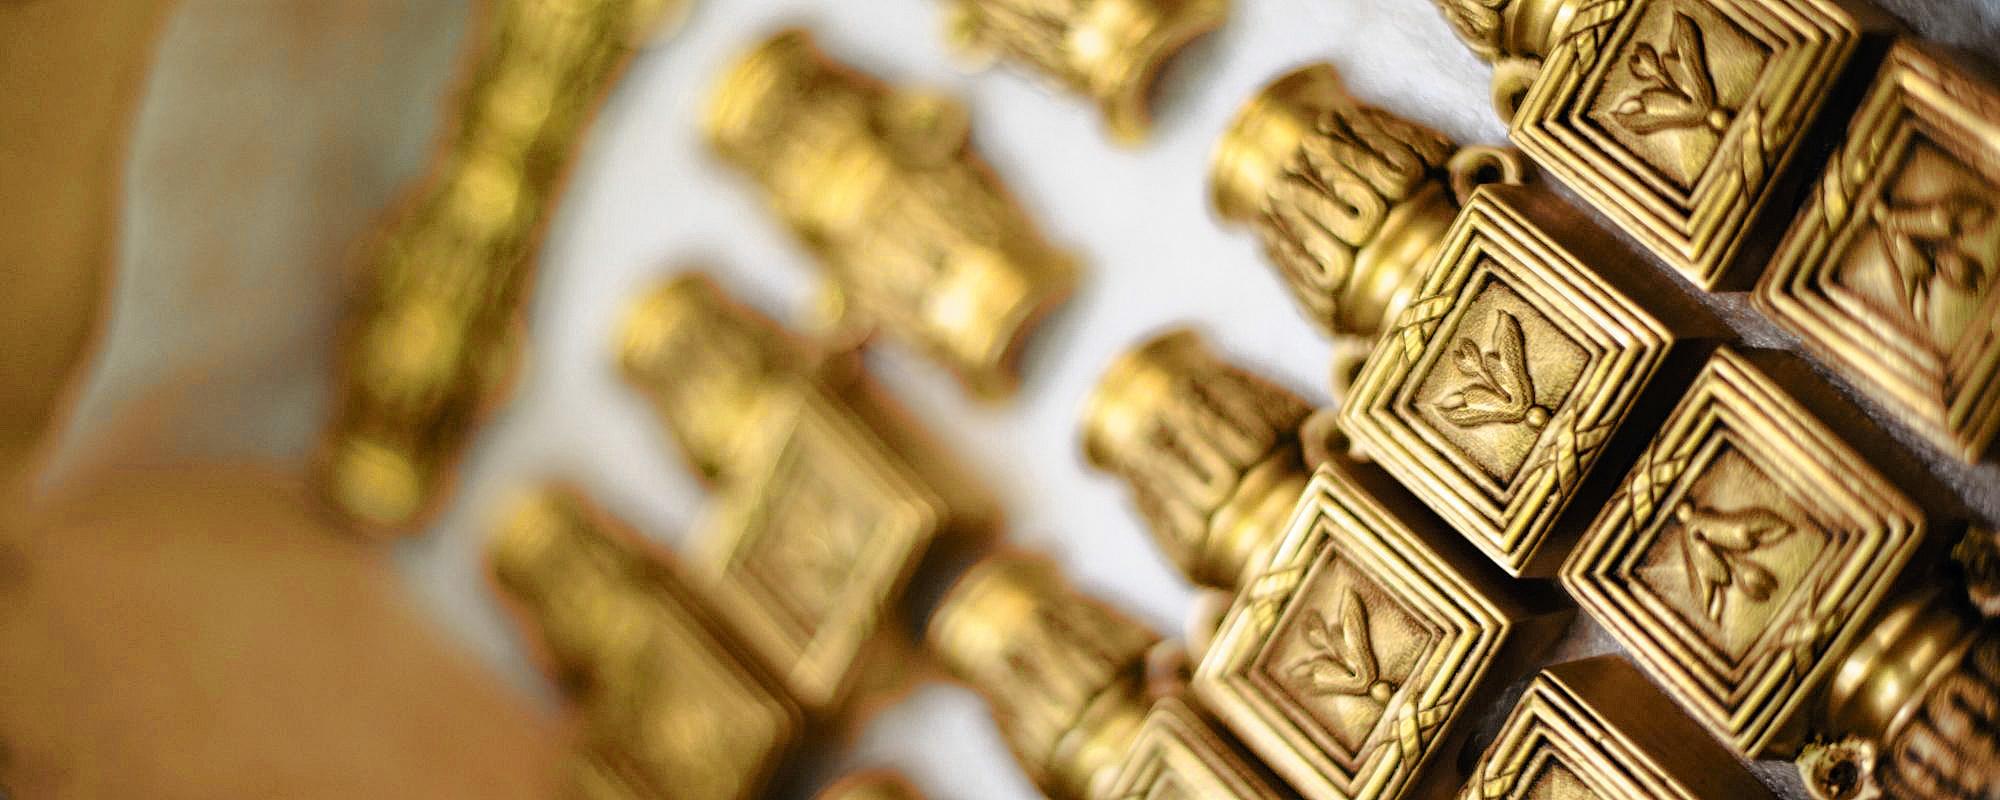 La maison propose aujourd'hui plus de 45.000 modèles de poignées et boutons de porte, béquilles, rosaces, heurtoirs, etc. , S. Derouaux